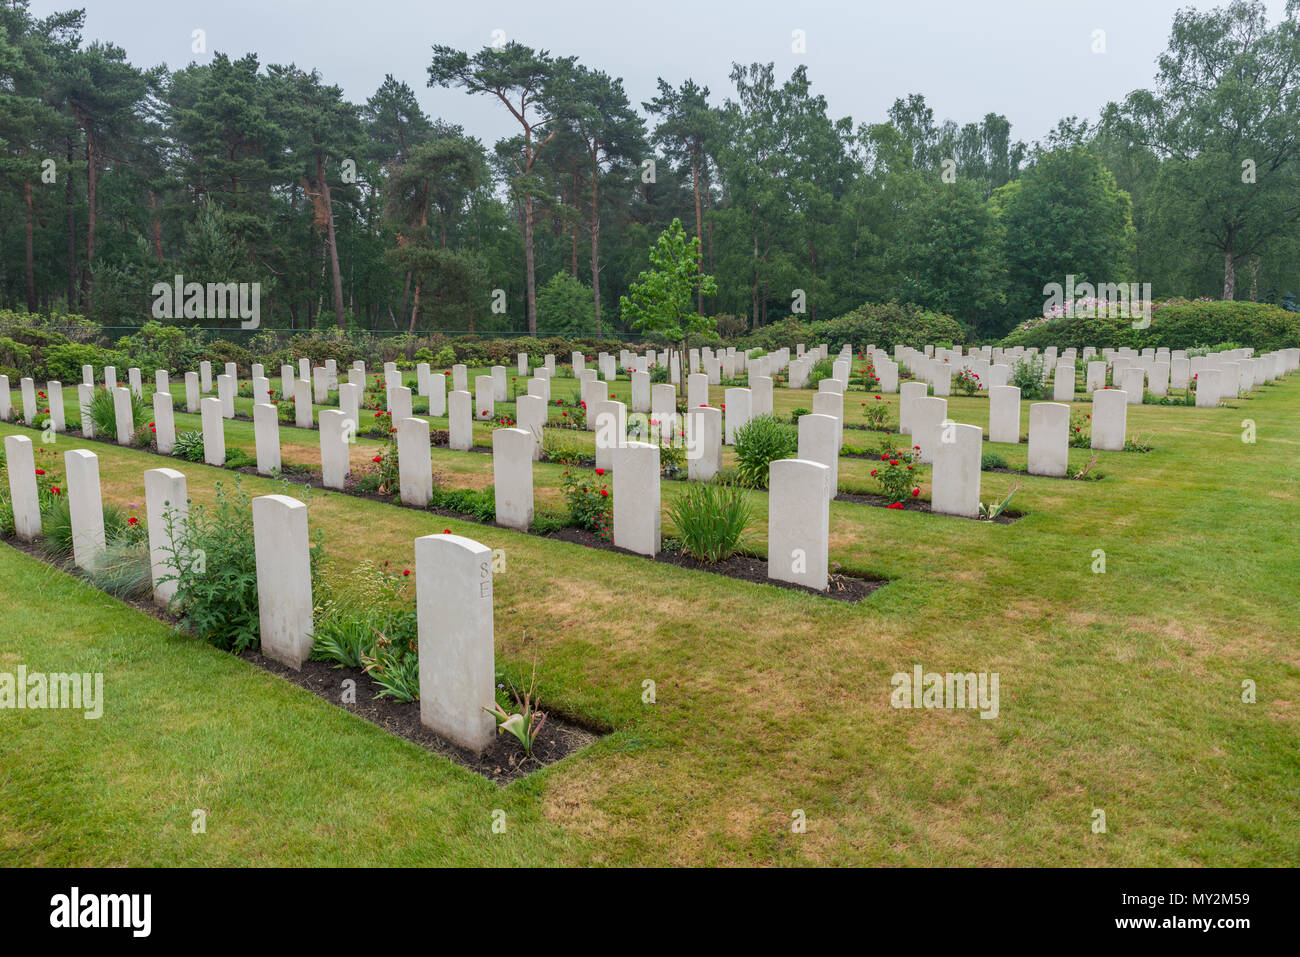 Holten, Niederlande - Juni 01, 2018: gepflegte Gräber von Gefallenen kanadische Soldaten während des Zweiten Weltkriegs auf der kanadischen Krieg Friedhof in Holland Stockbild